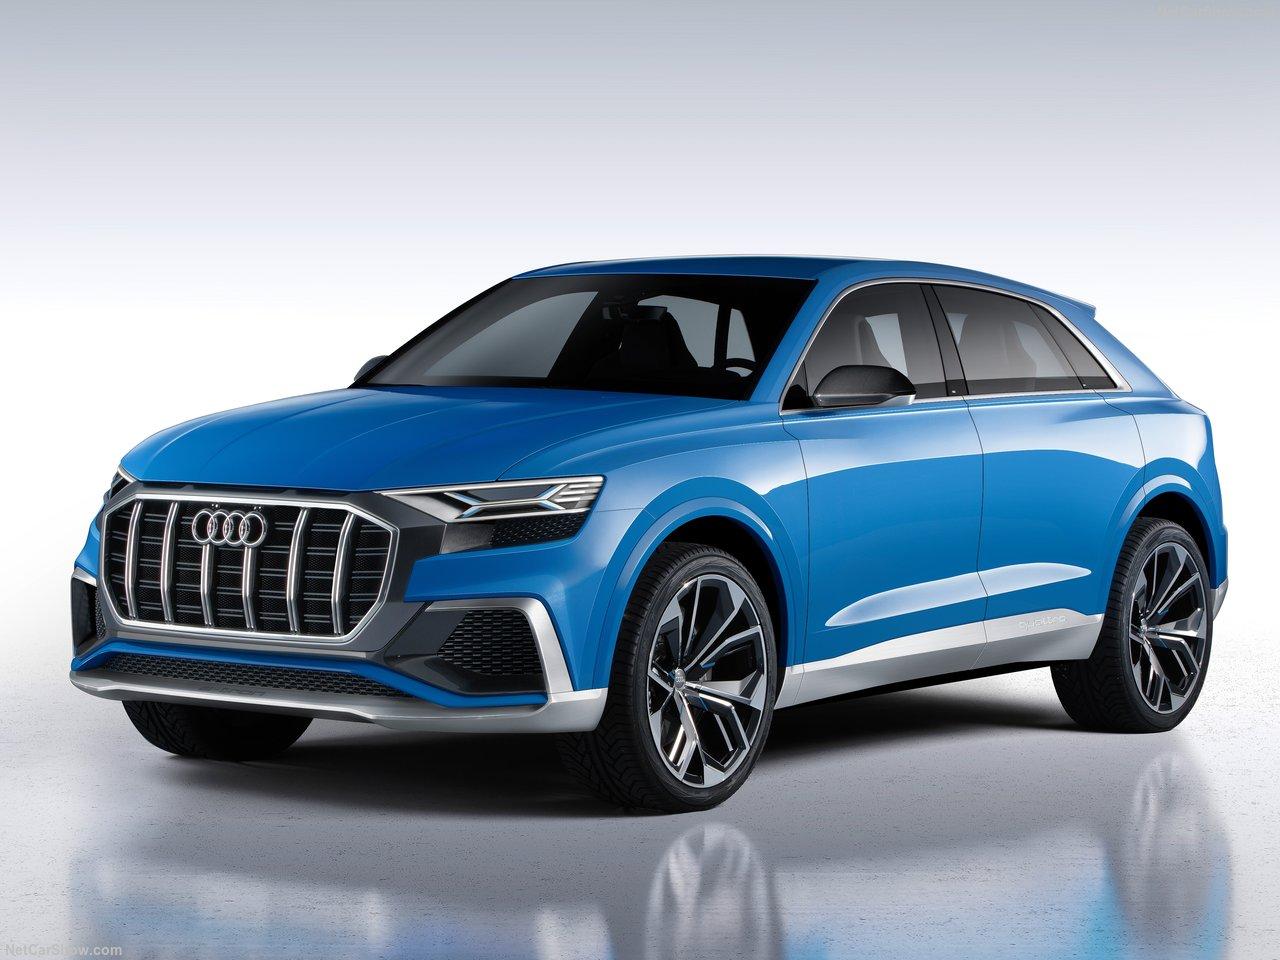 Audi-Q8_Concept-2017-1280-08.jpg